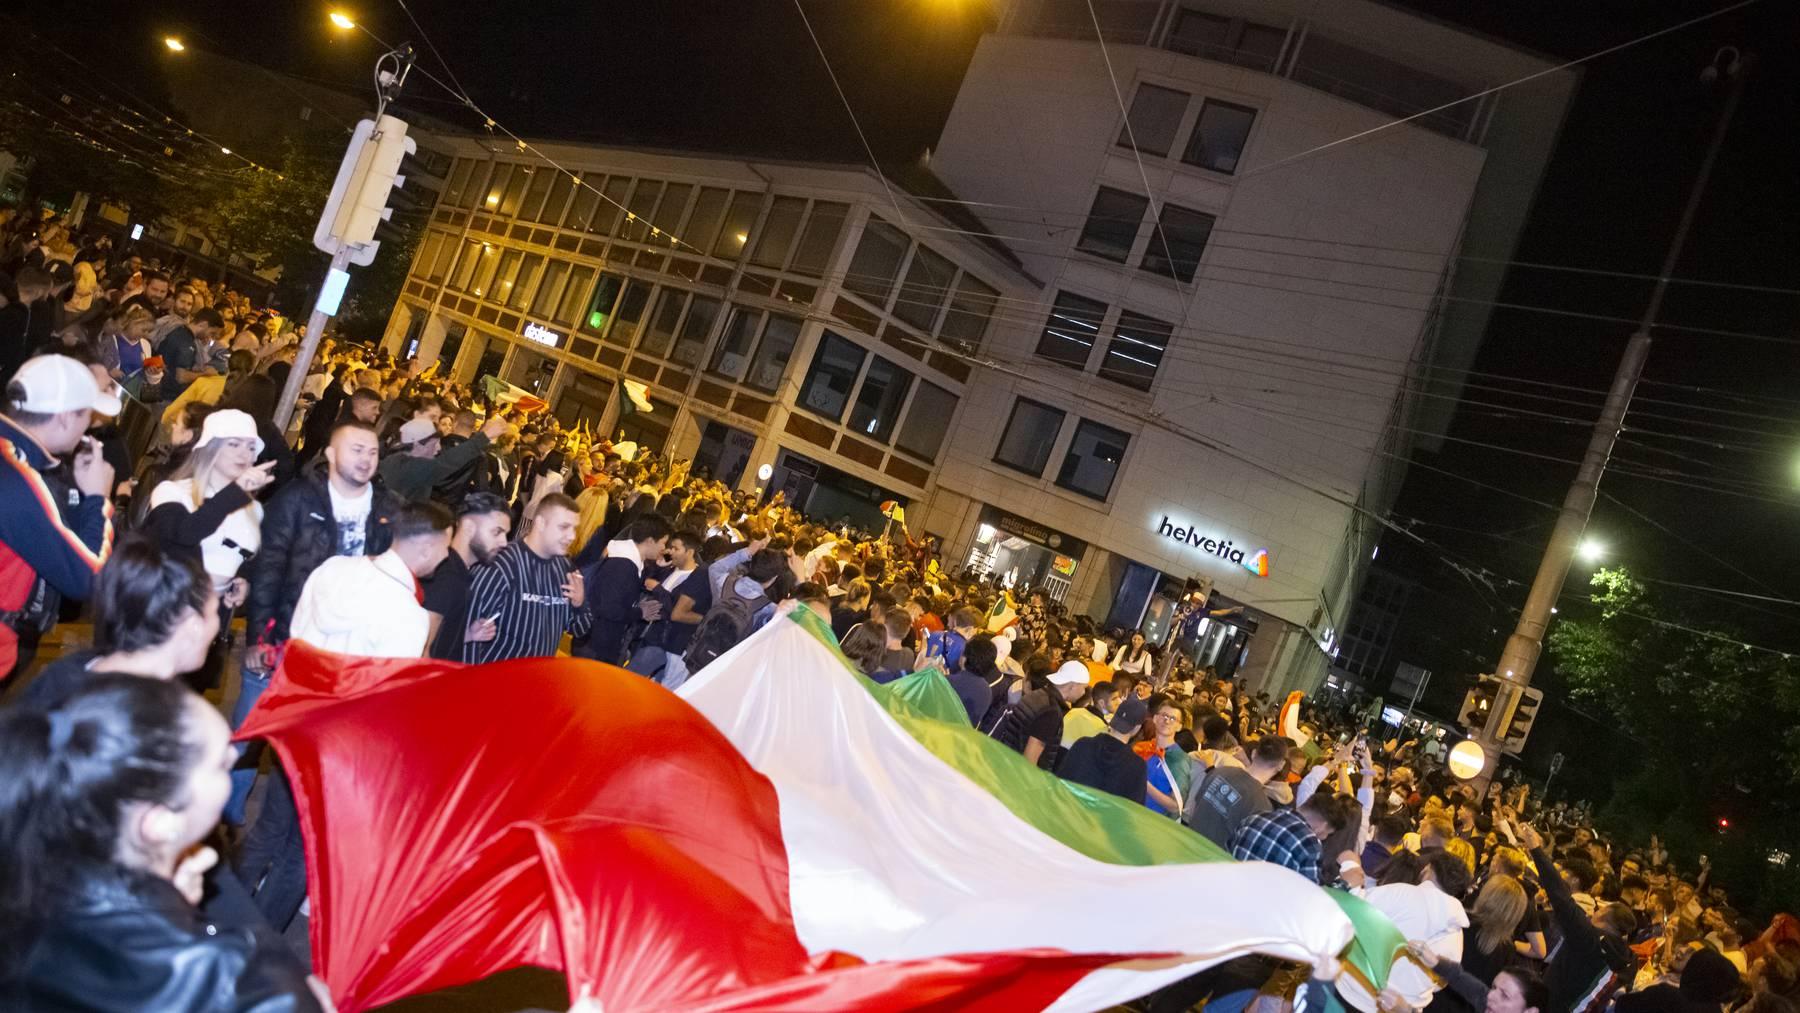 Das Fest der Italien-Fans verlief mehrheitlich friedlich trotz der grossen Menschenmassen.